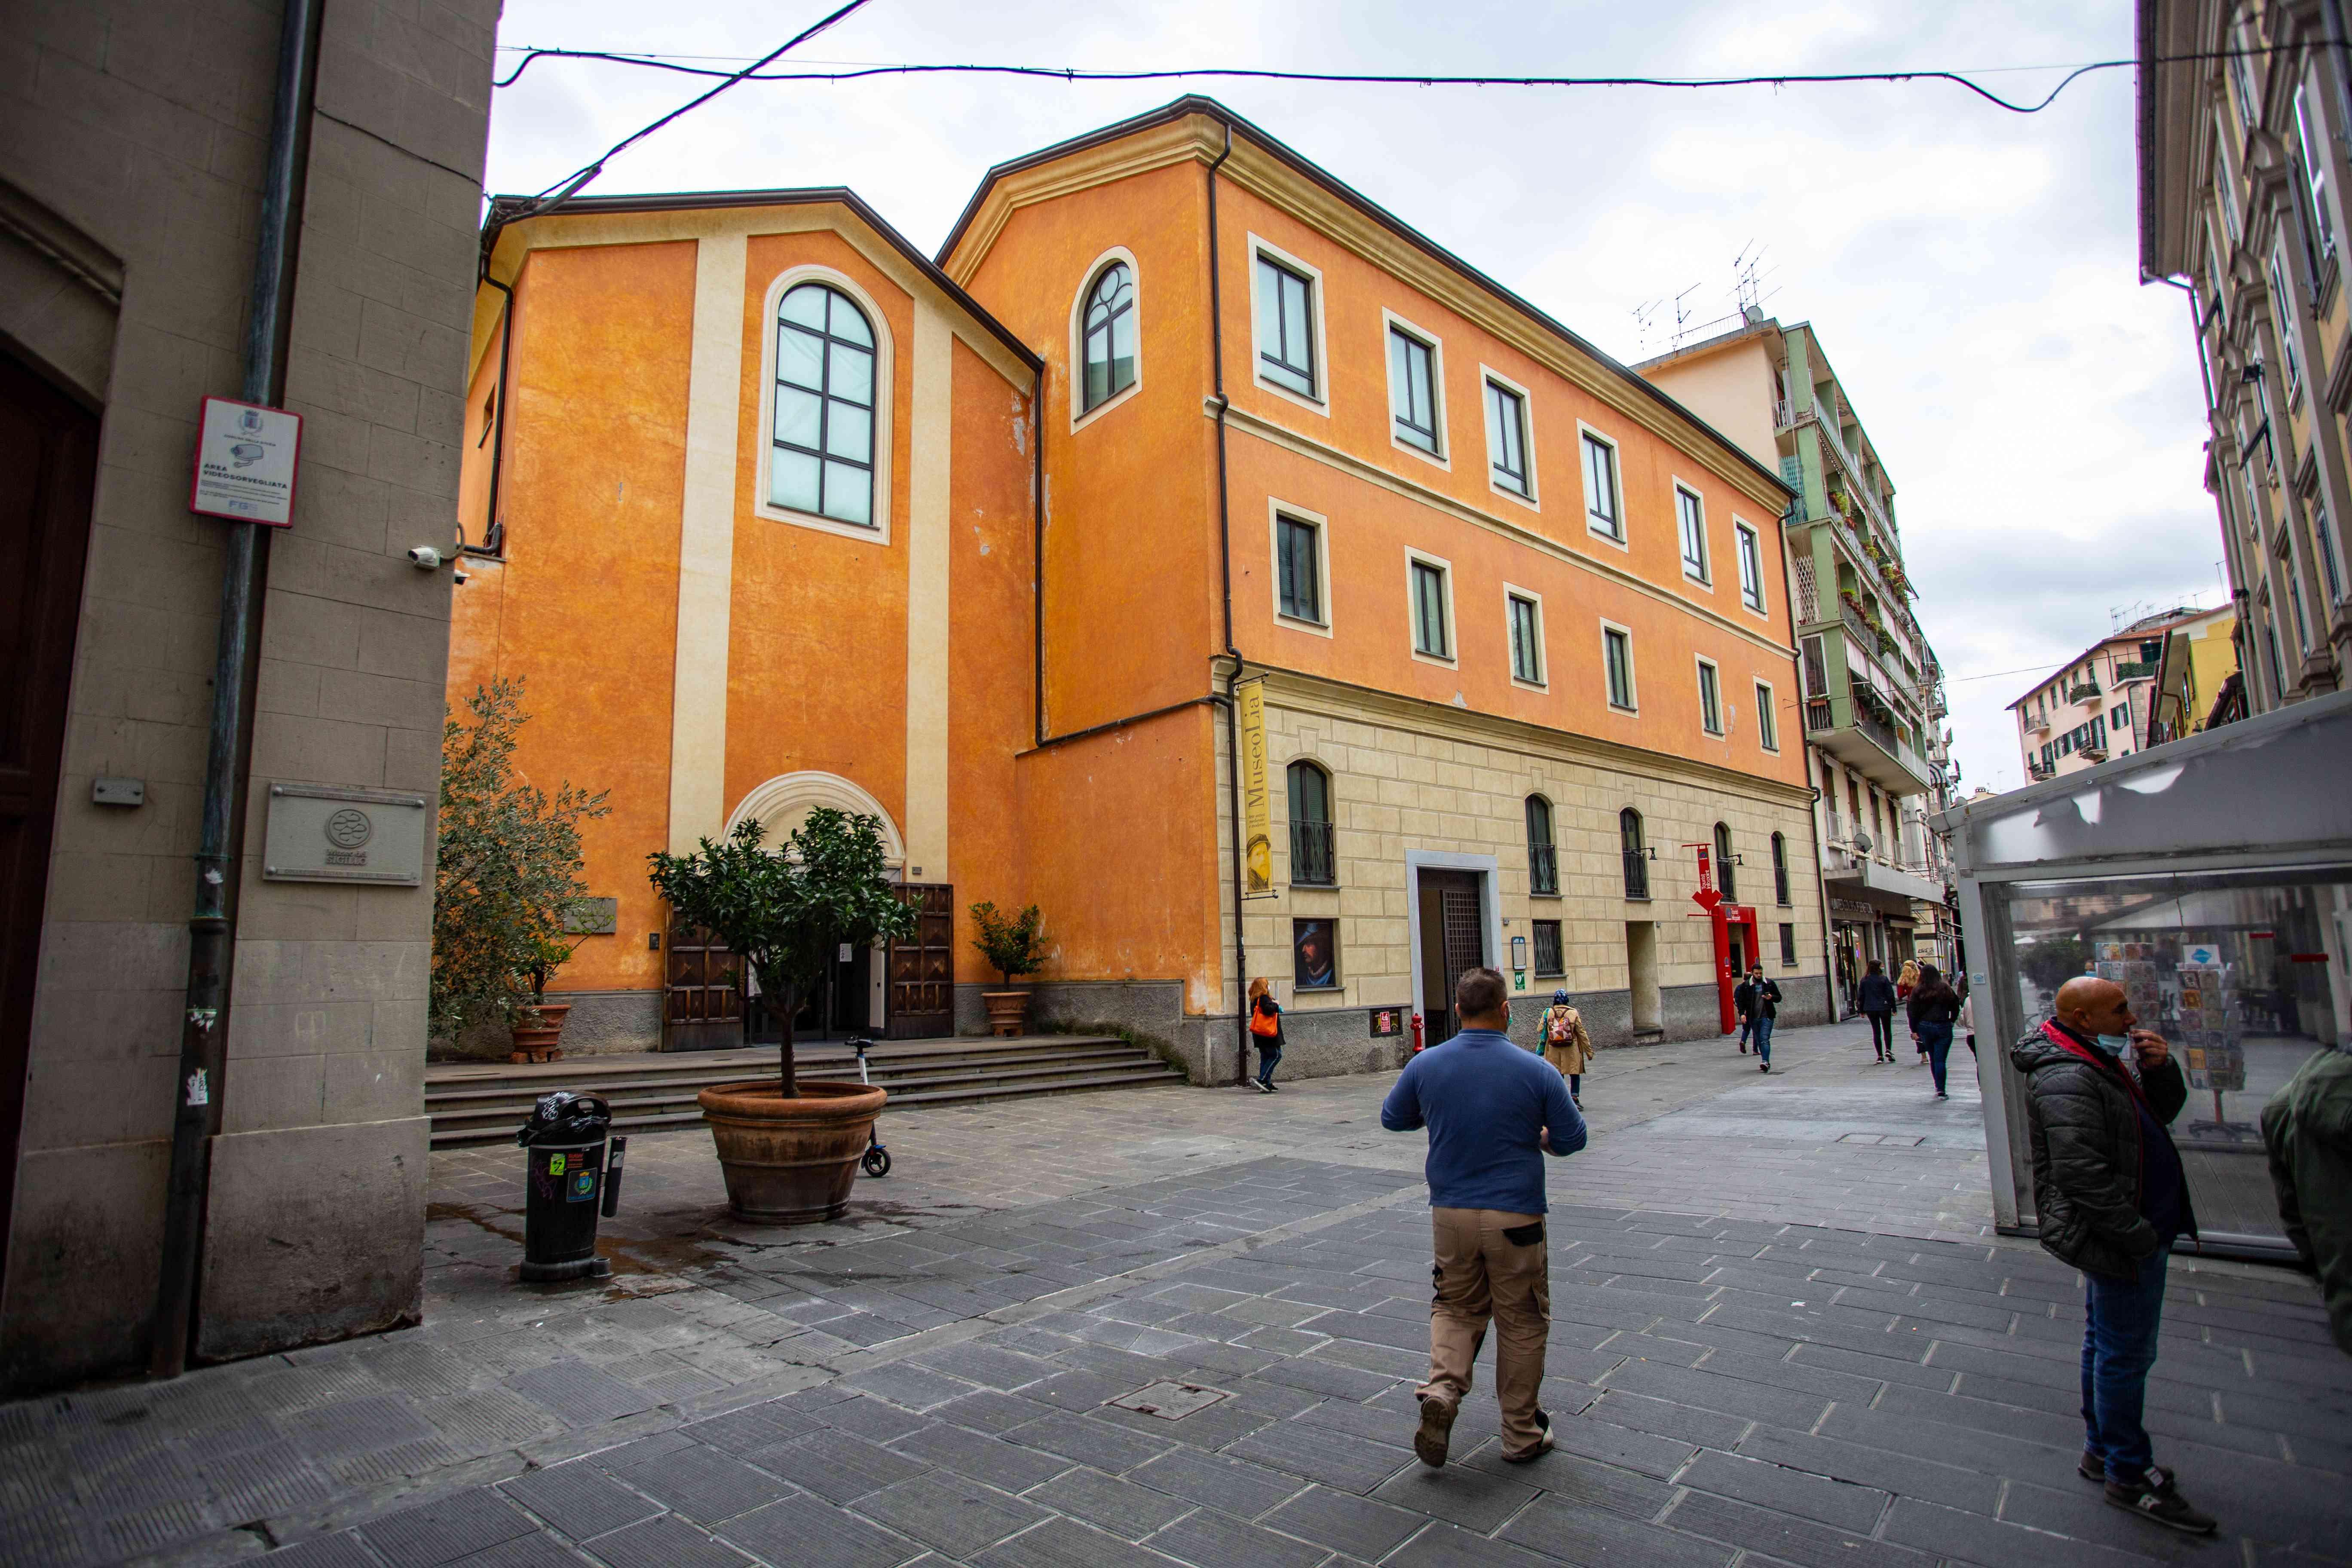 Museo Civico Amedeo Lia in La Spezia, Italy